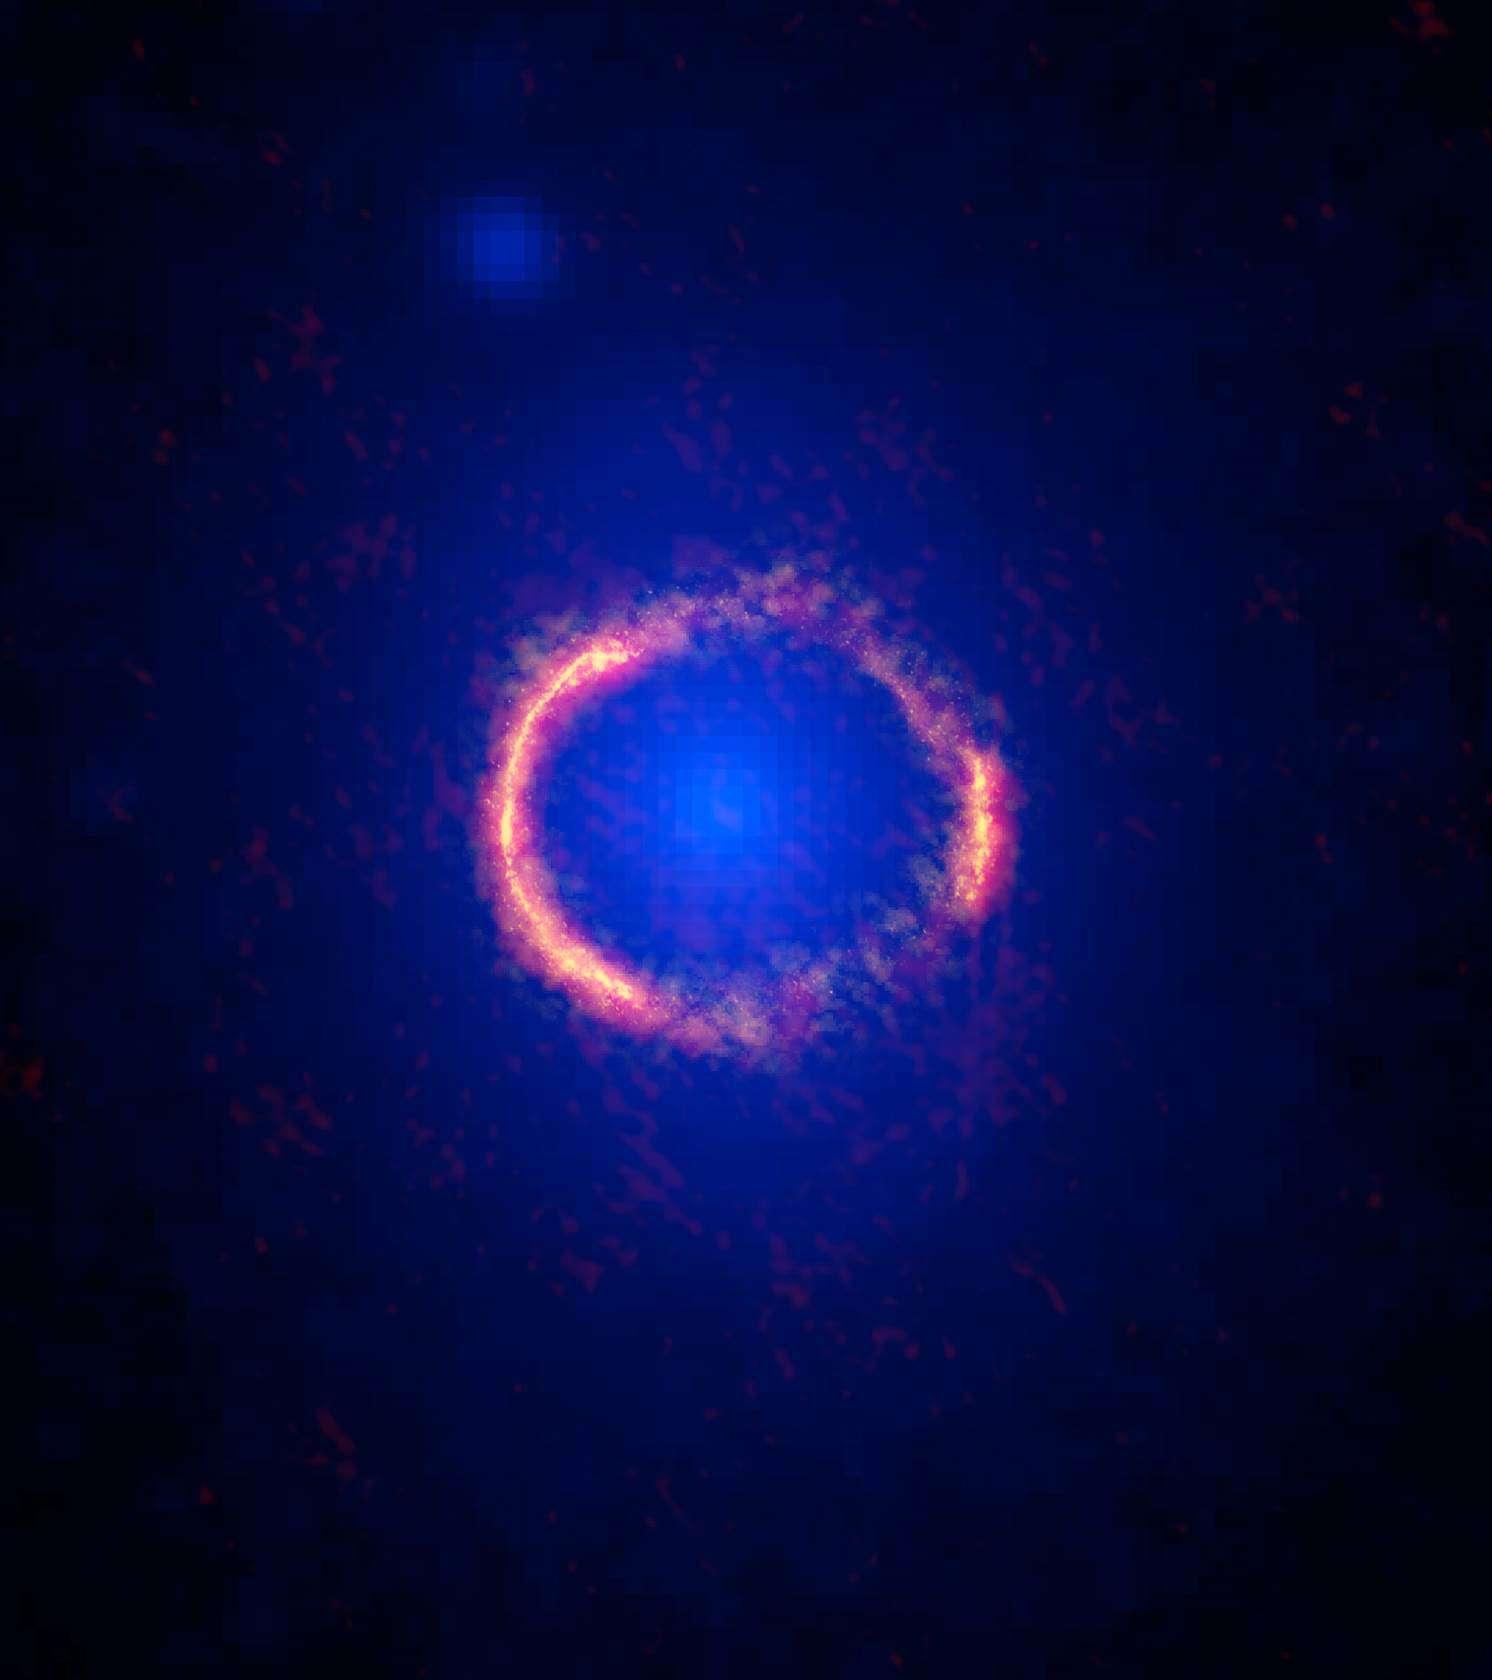 L'étonnant portrait, composite de l'objet SDP.81, situé à près de 12 milliards d'années-lumière, déformé en anneau par un effet de lentille gravitationnelle. Sur l'image acquise dans le visible par Hubble, on devine la galaxie spirale du premier plan qui a infléchi la lumière émise par celle située à l'arrière-plan. Sur les images (superposées) réalisées avec les antennes d'Alma dans les longueurs d'onde millimétriques et submillimétriques, on distingue le rayonnement des poussières qu'abrite la lointaine galaxie active. © Alma (NRAO, Eso, NAOJ), B. Saxton, AUI, NSF, Nasa, Esa, Hubble, T. Hunter